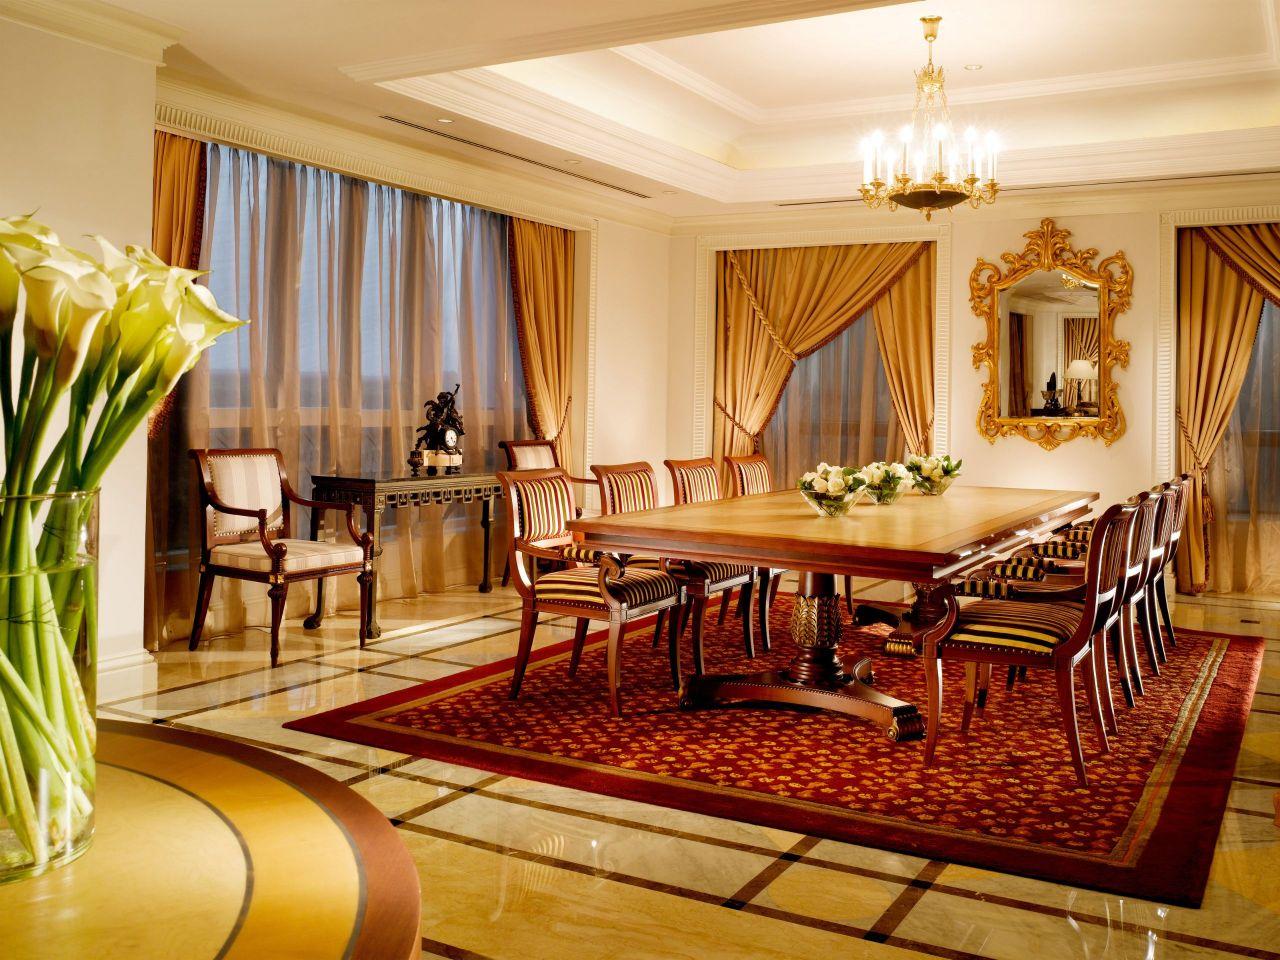 Luxury Hotels in Jakarta